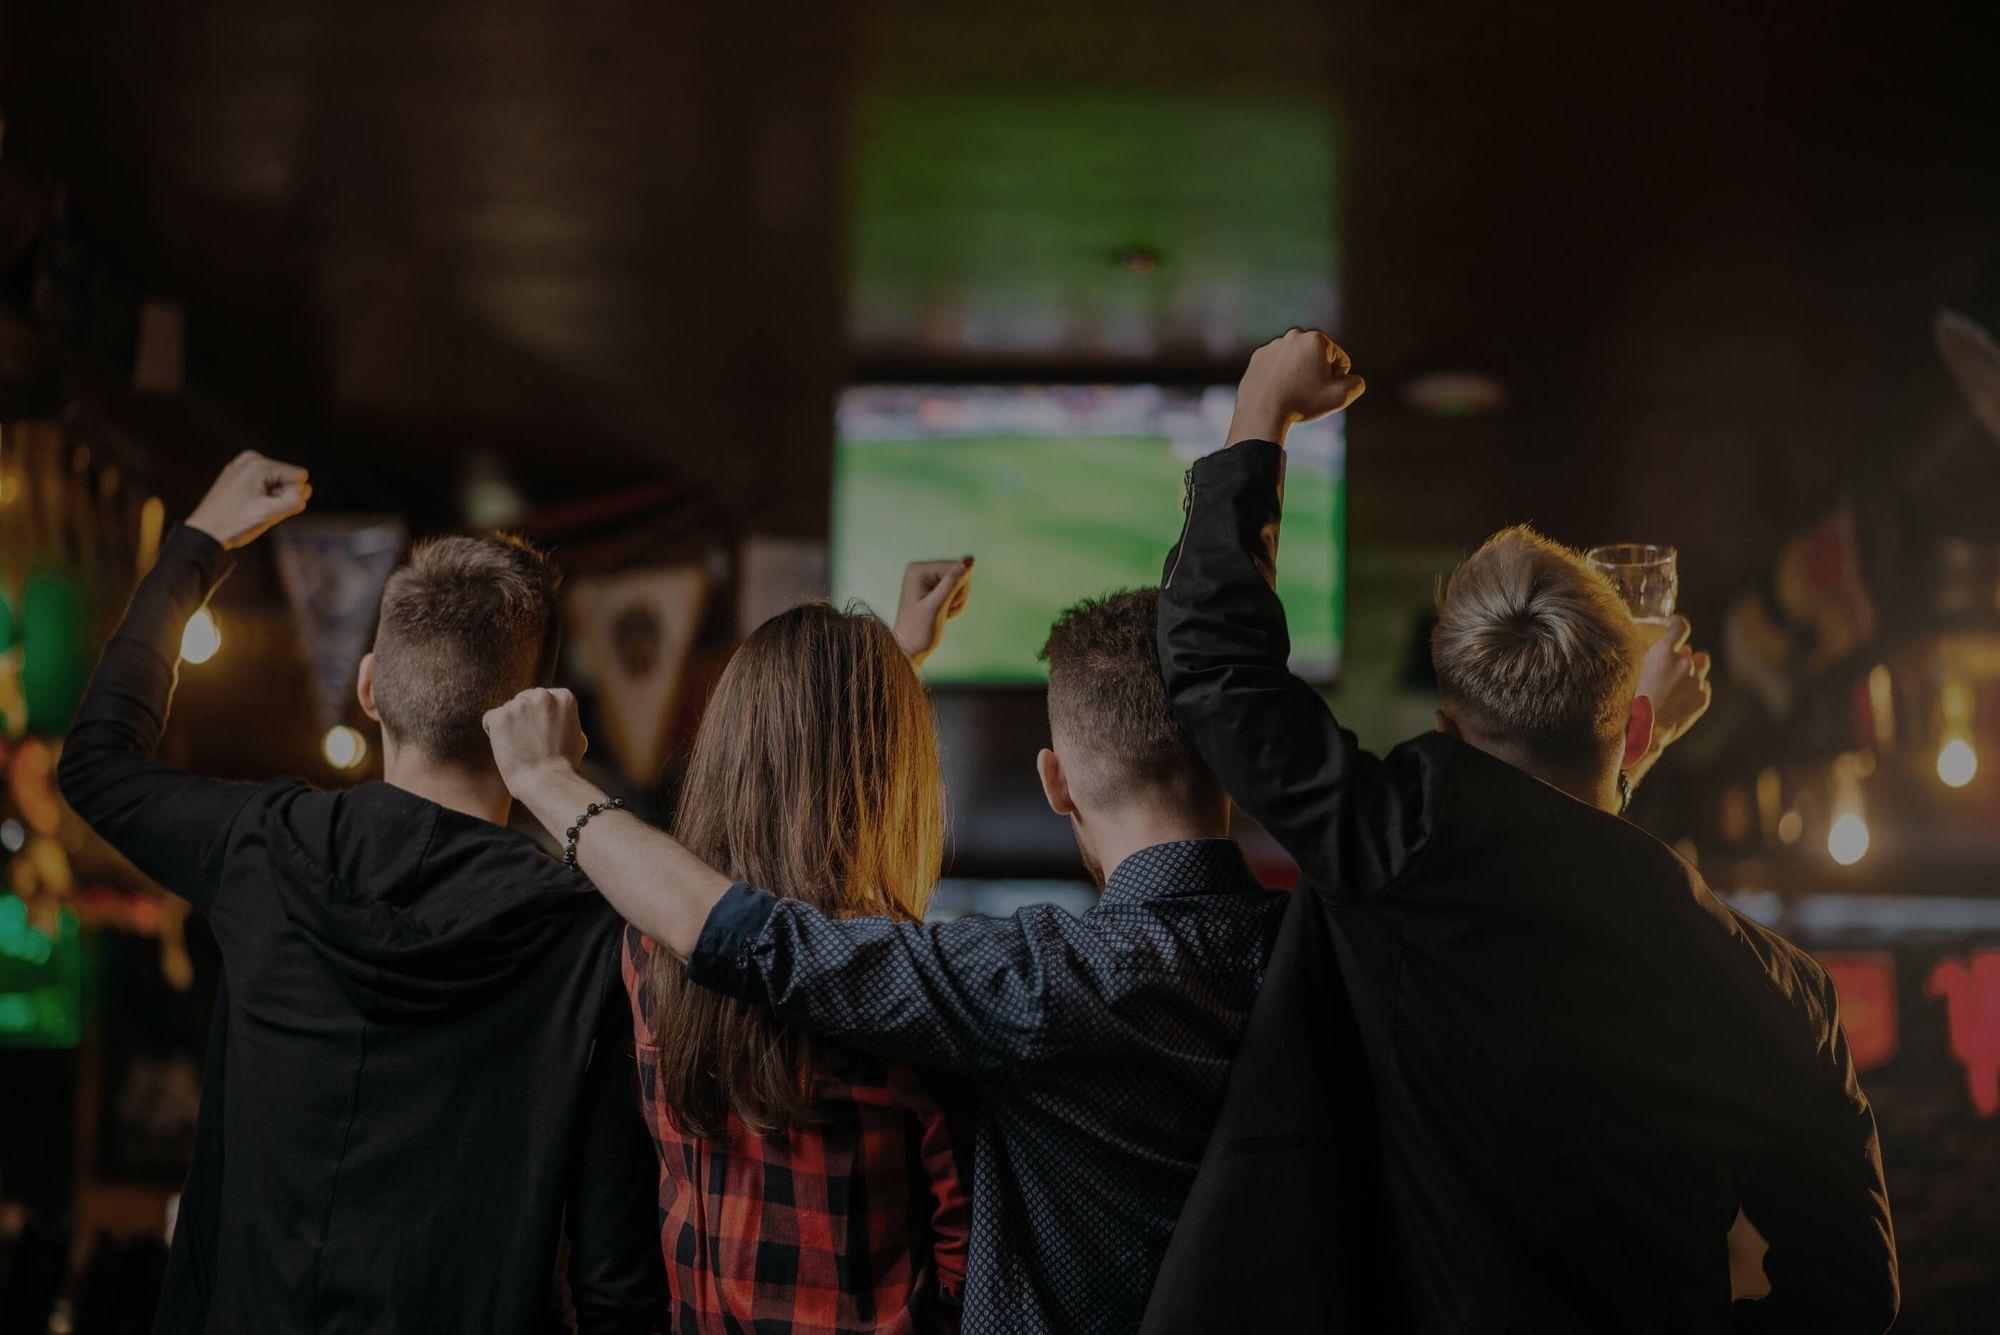 Copa do Mundo: pós-teste de campanhas publicitárias